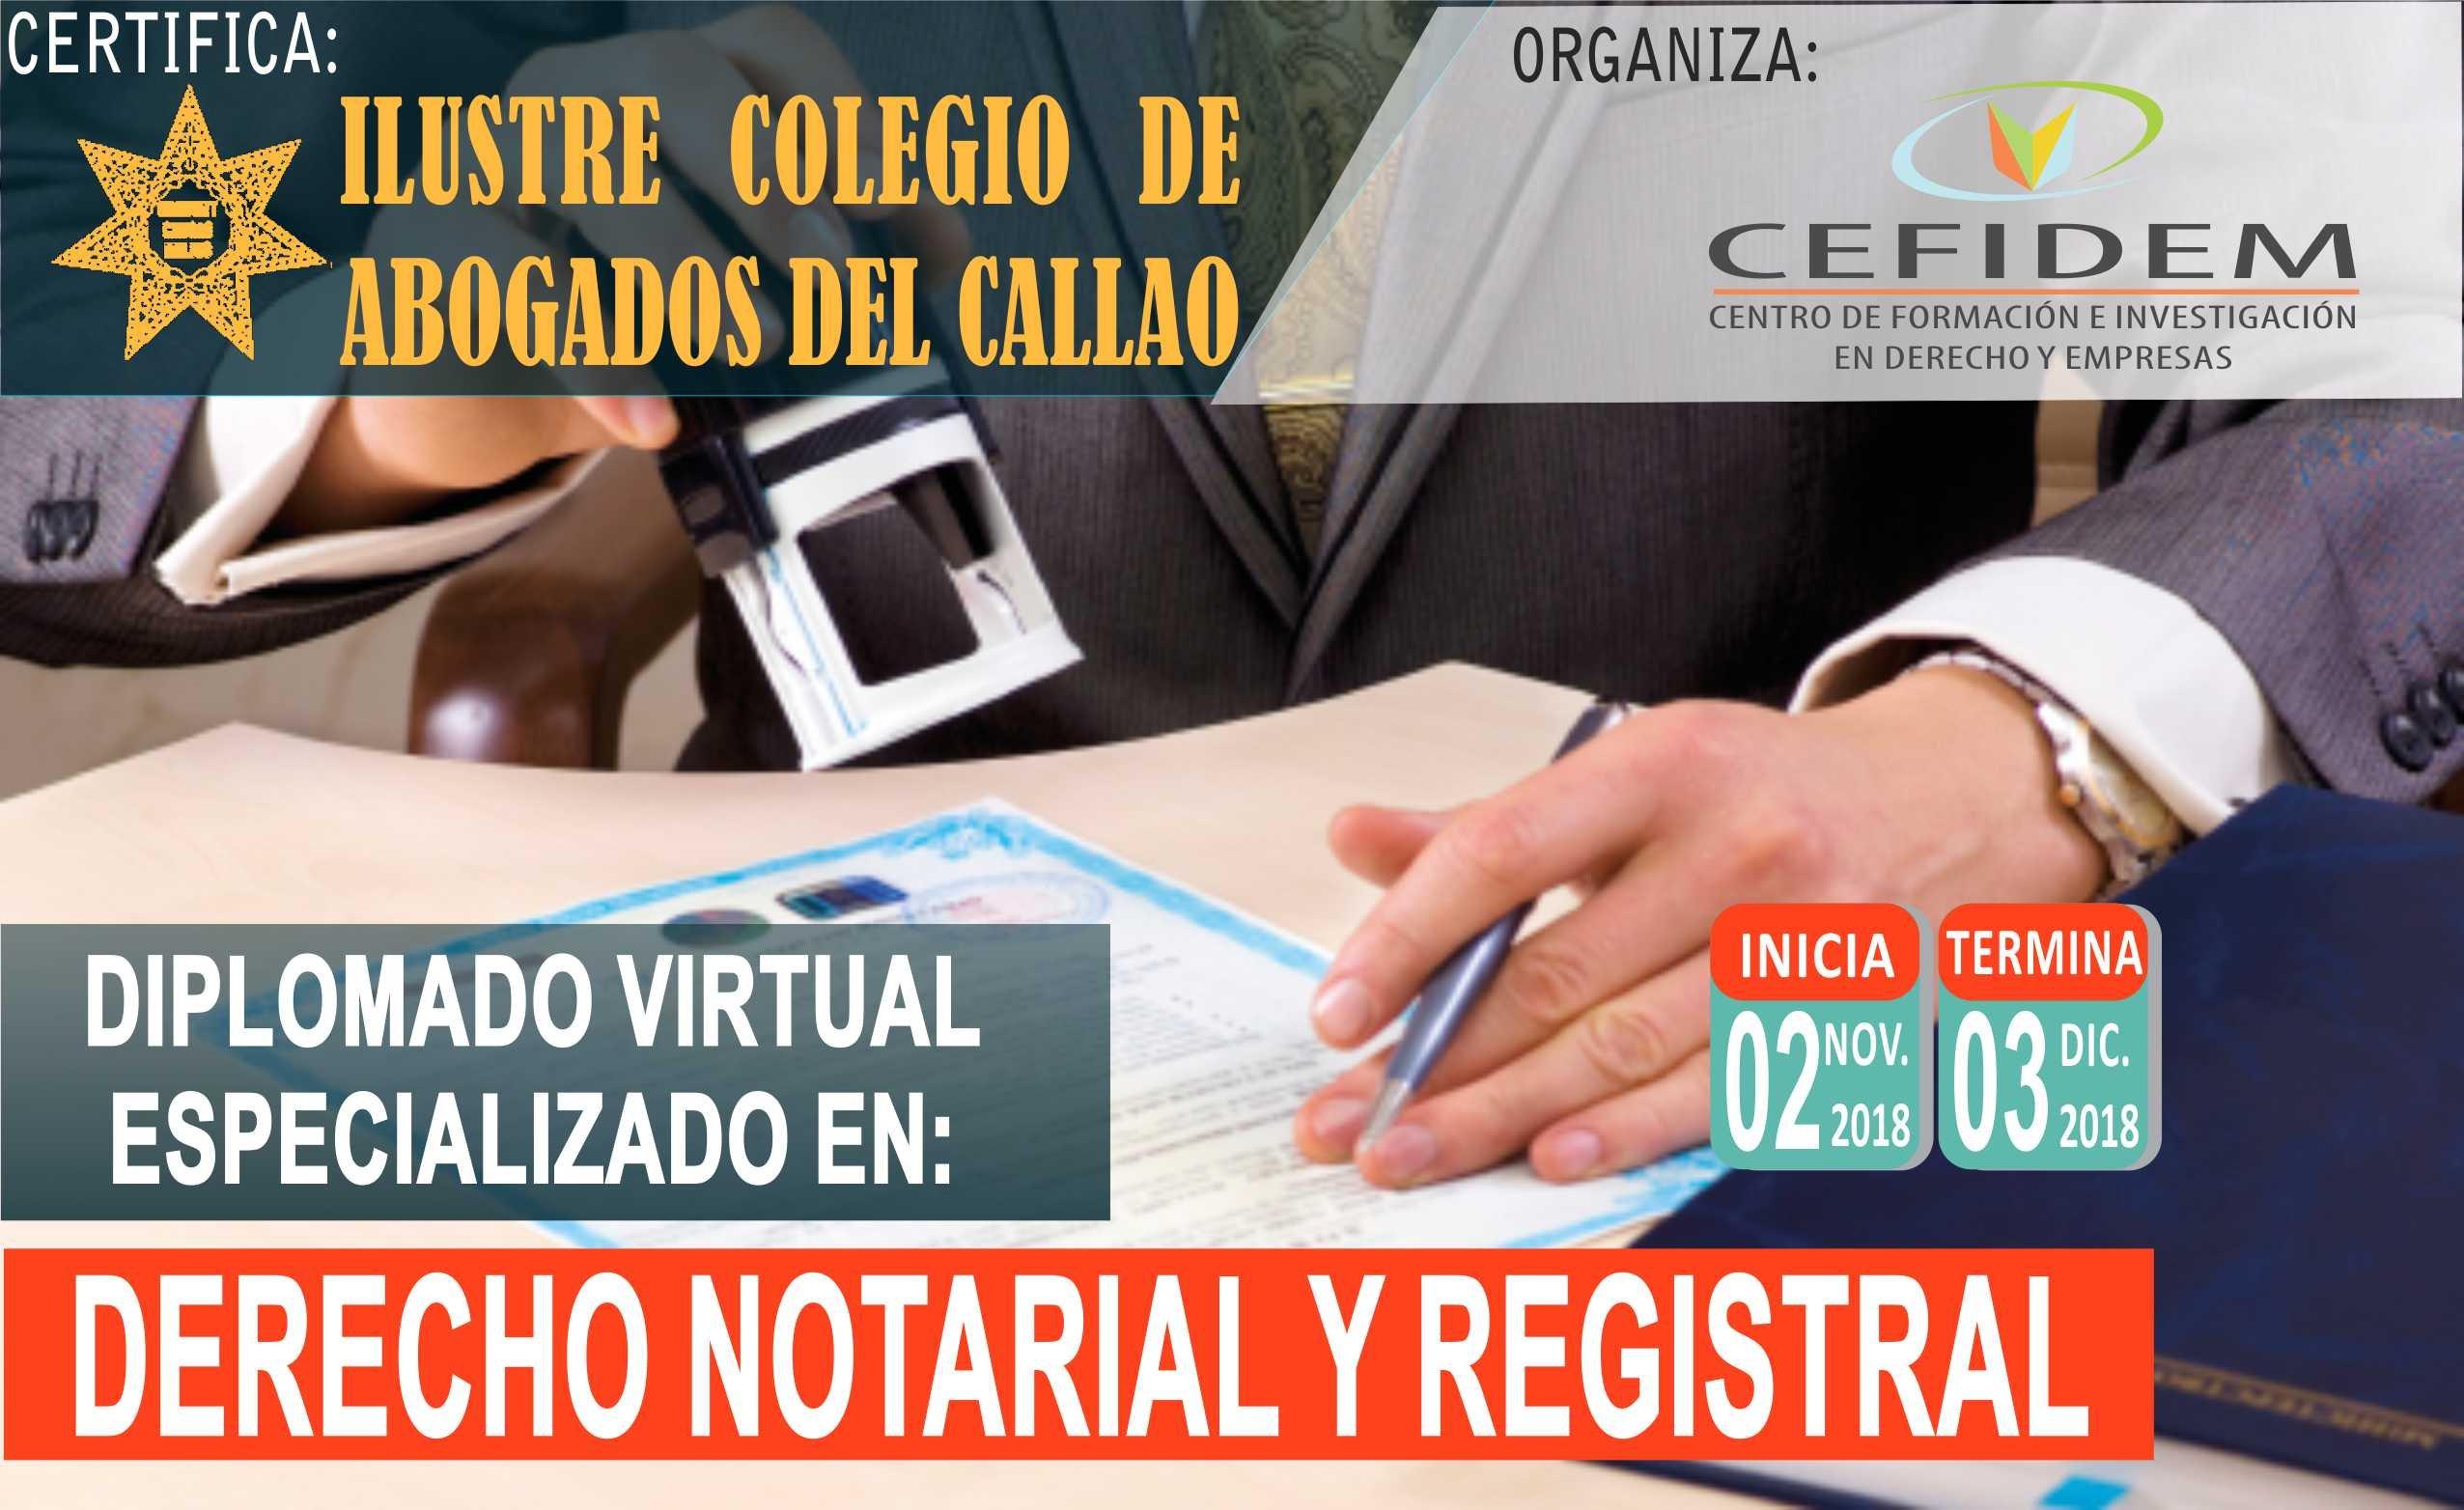 DIPLOMADO VIRTUAL EN DERECHO NOTARIAL Y REGISTRAL (02/11/18)